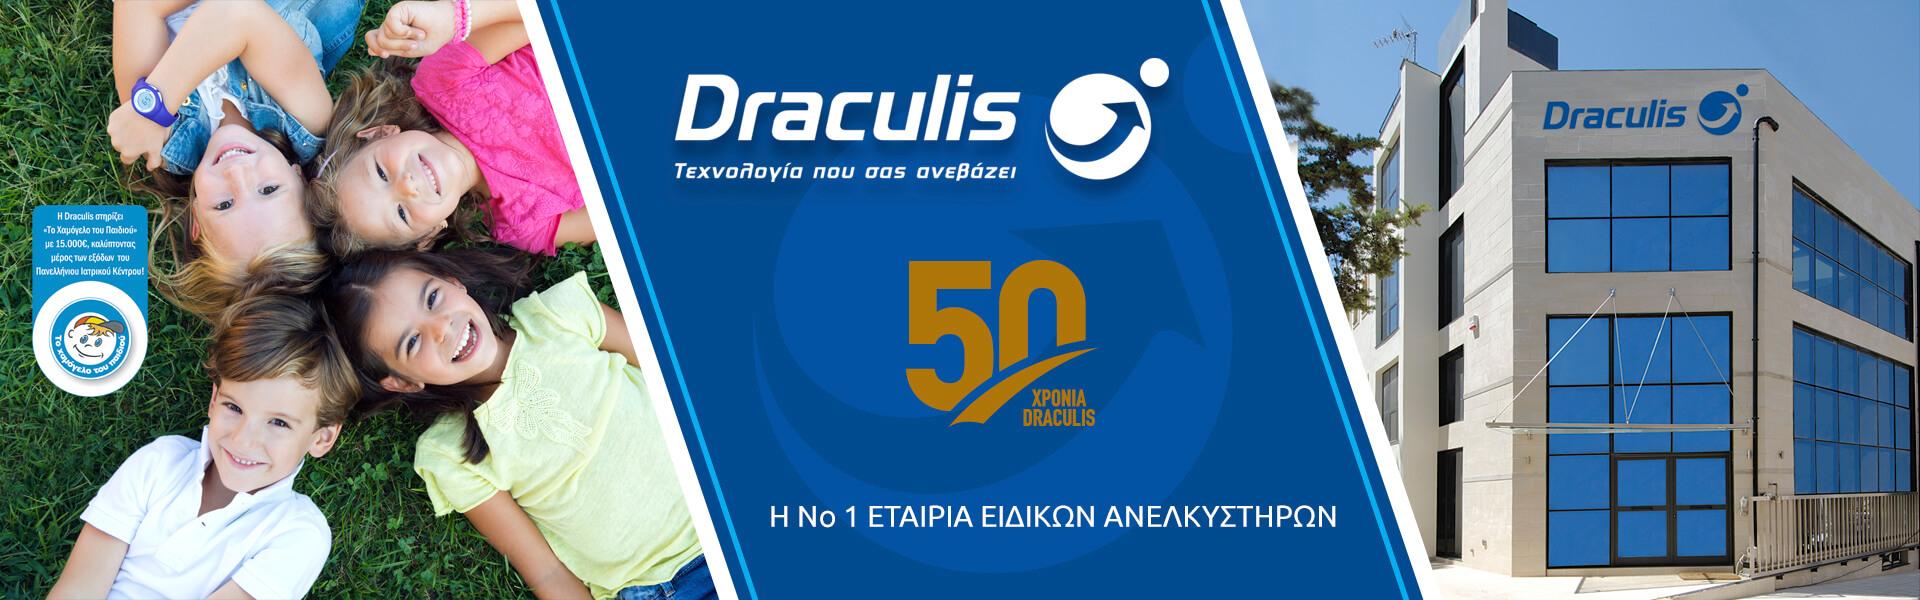 Οι εγκαταστάσεις της Draculis, εκθεσιακός χώρος, γραφεία, service